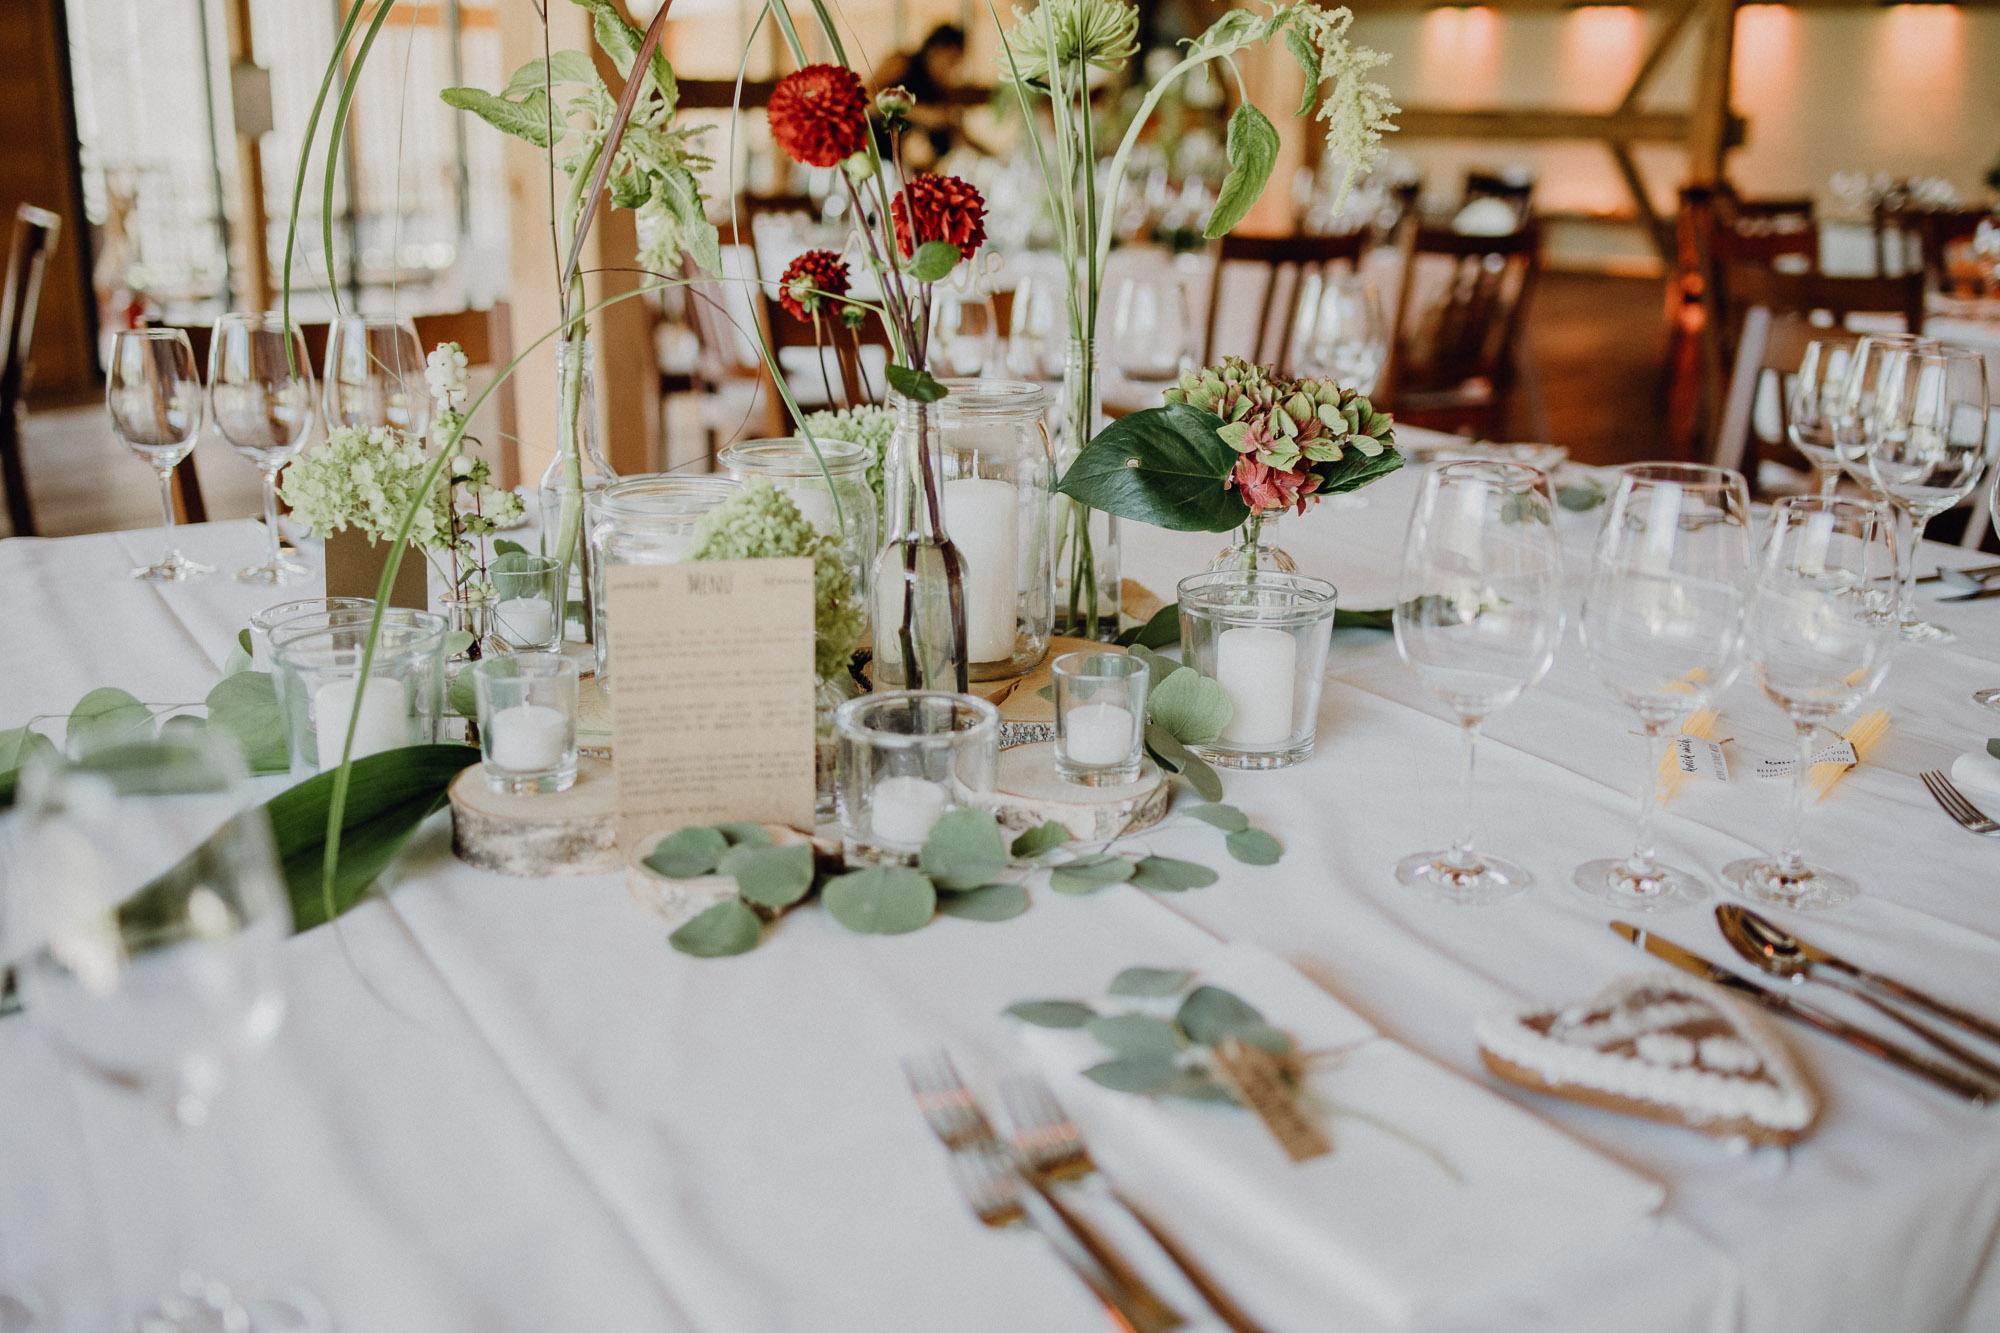 Tischdeko rustikal Hochzeit, Ideen für Tischdeko in Grün und Rot